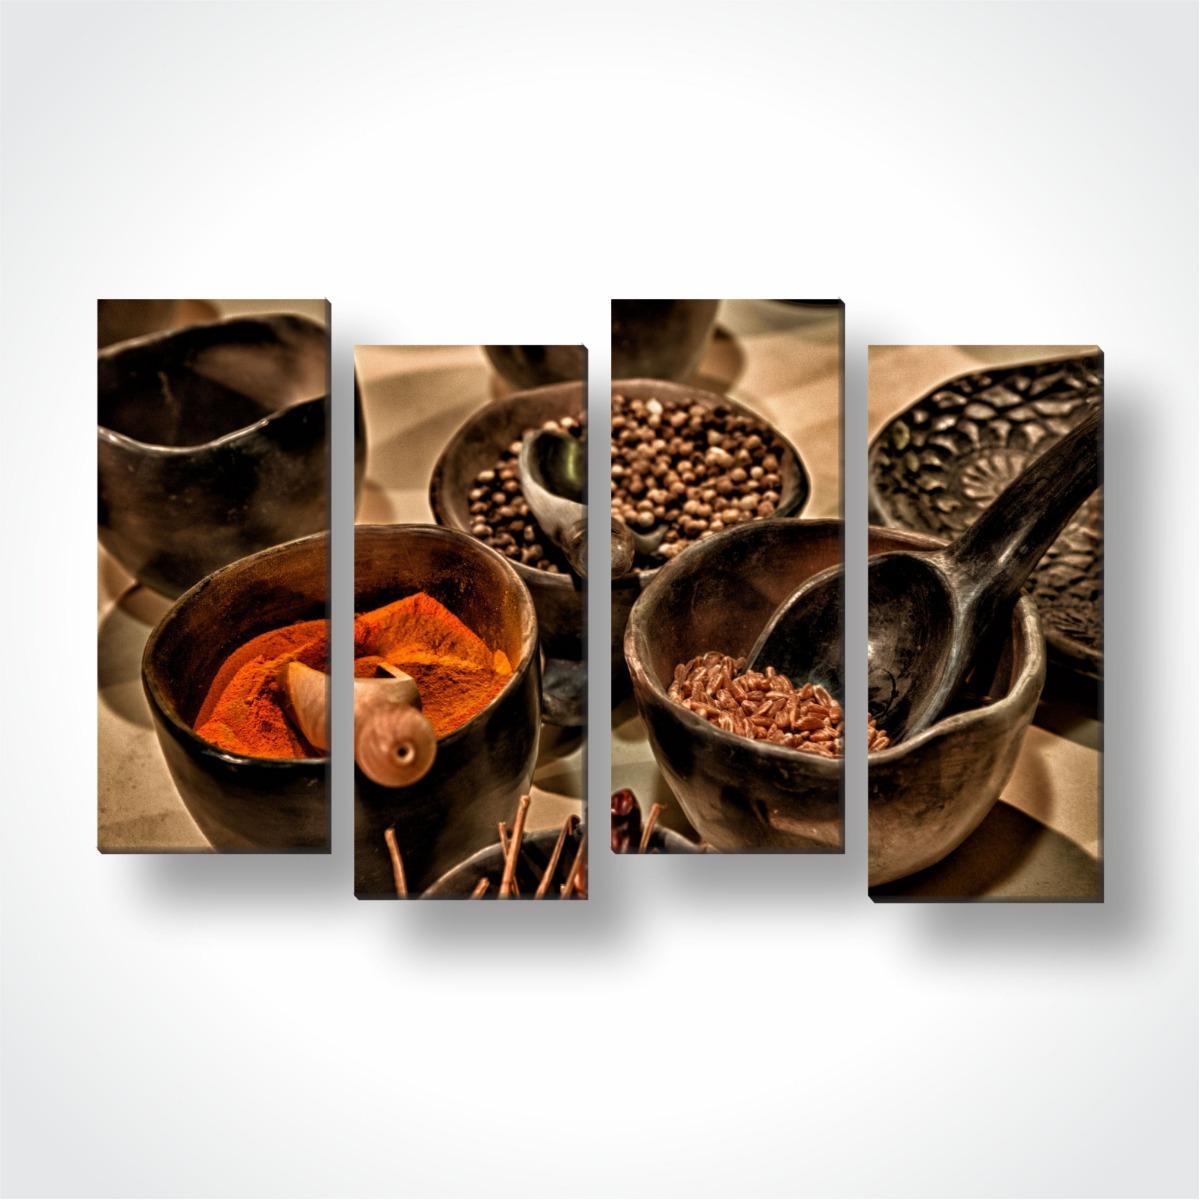 a190162ee mosaico 4 quadros decorativos sala tecido para cozinha. Carregando zoom.